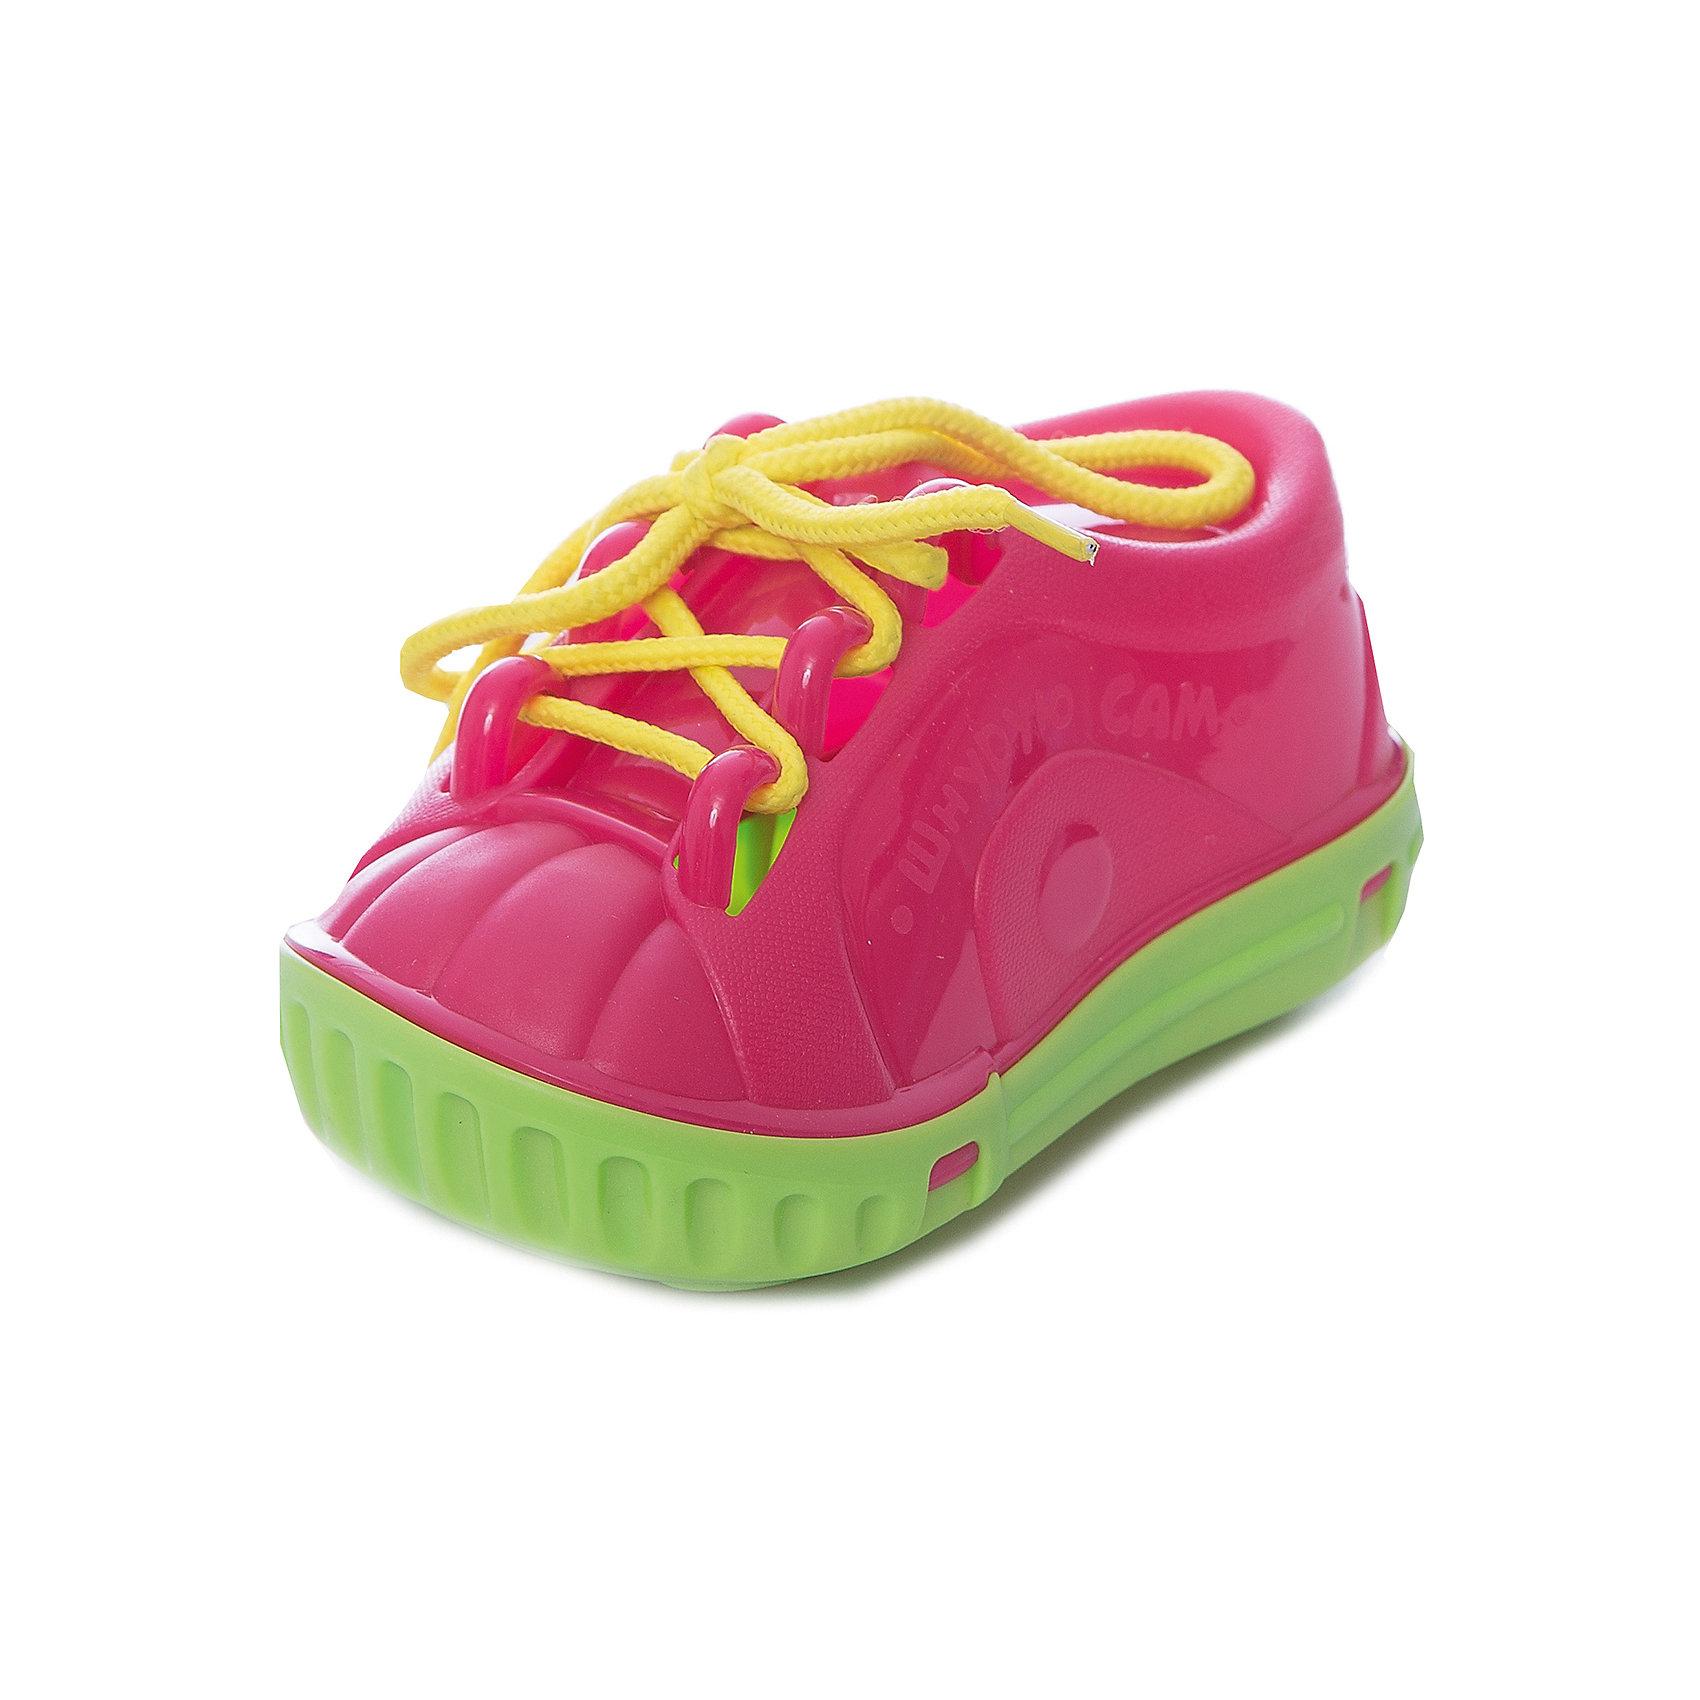 Дидактическая игрушка Ботинок-шнуровка, в сетке, НордпластДИДАКТИЧЕСКАЯ ИГРУШКА БОТИНОК-ШНУРОВКА - это чудо игрушка, которая хорошо развивает мелкую моторику рук, внимание и учит малыша самостоятельно шнуровать шнурки. <br><br>Дополнительная информация:<br><br>- Возраст: от 3 лет.<br>- Материал: пластик.<br>- Размер упаковки: 8х9х15 см.<br>- Вес в упаковке: 60 г.<br><br>Купить дидактическую игрушку Ботинок-шнуровка можно в нашем магазине.<br><br>Ширина мм: 80<br>Глубина мм: 90<br>Высота мм: 150<br>Вес г: 60<br>Возраст от месяцев: 36<br>Возраст до месяцев: 60<br>Пол: Унисекс<br>Возраст: Детский<br>SKU: 4879311